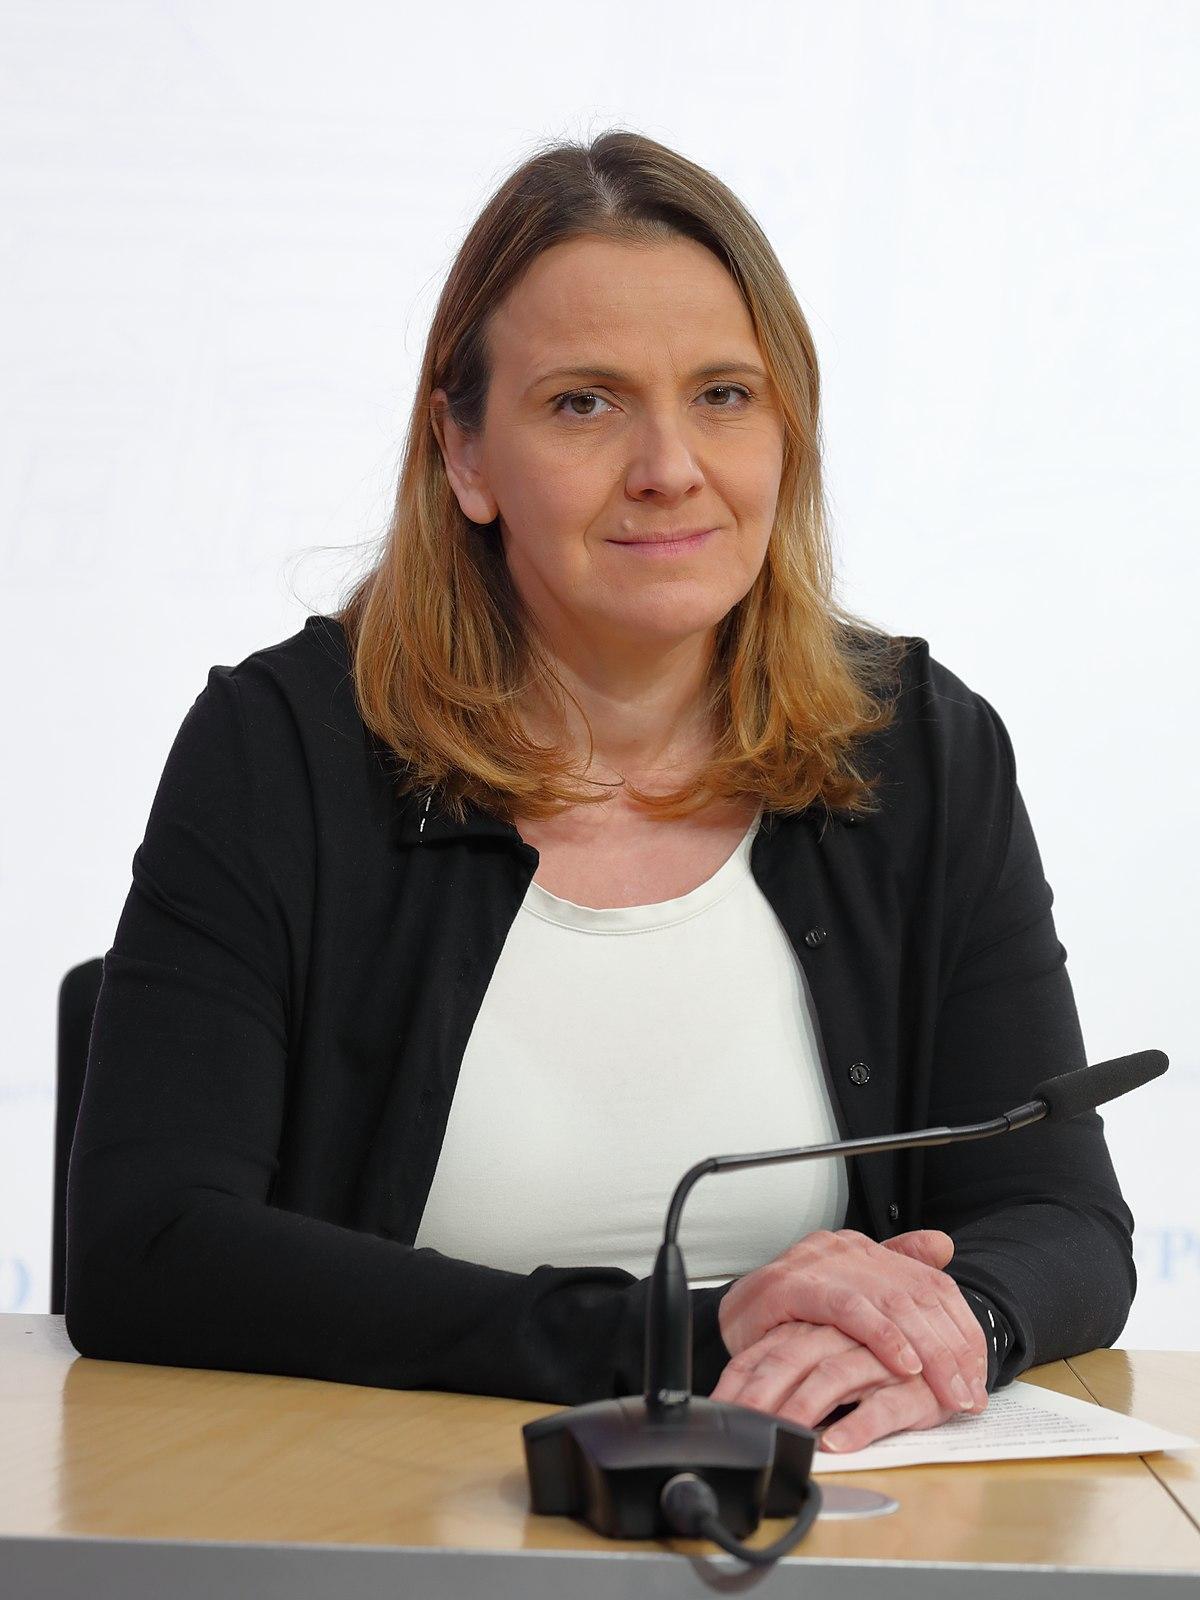 Dagmar Belakowitsch - Pressekonferenz am 13. März 2020.JPG